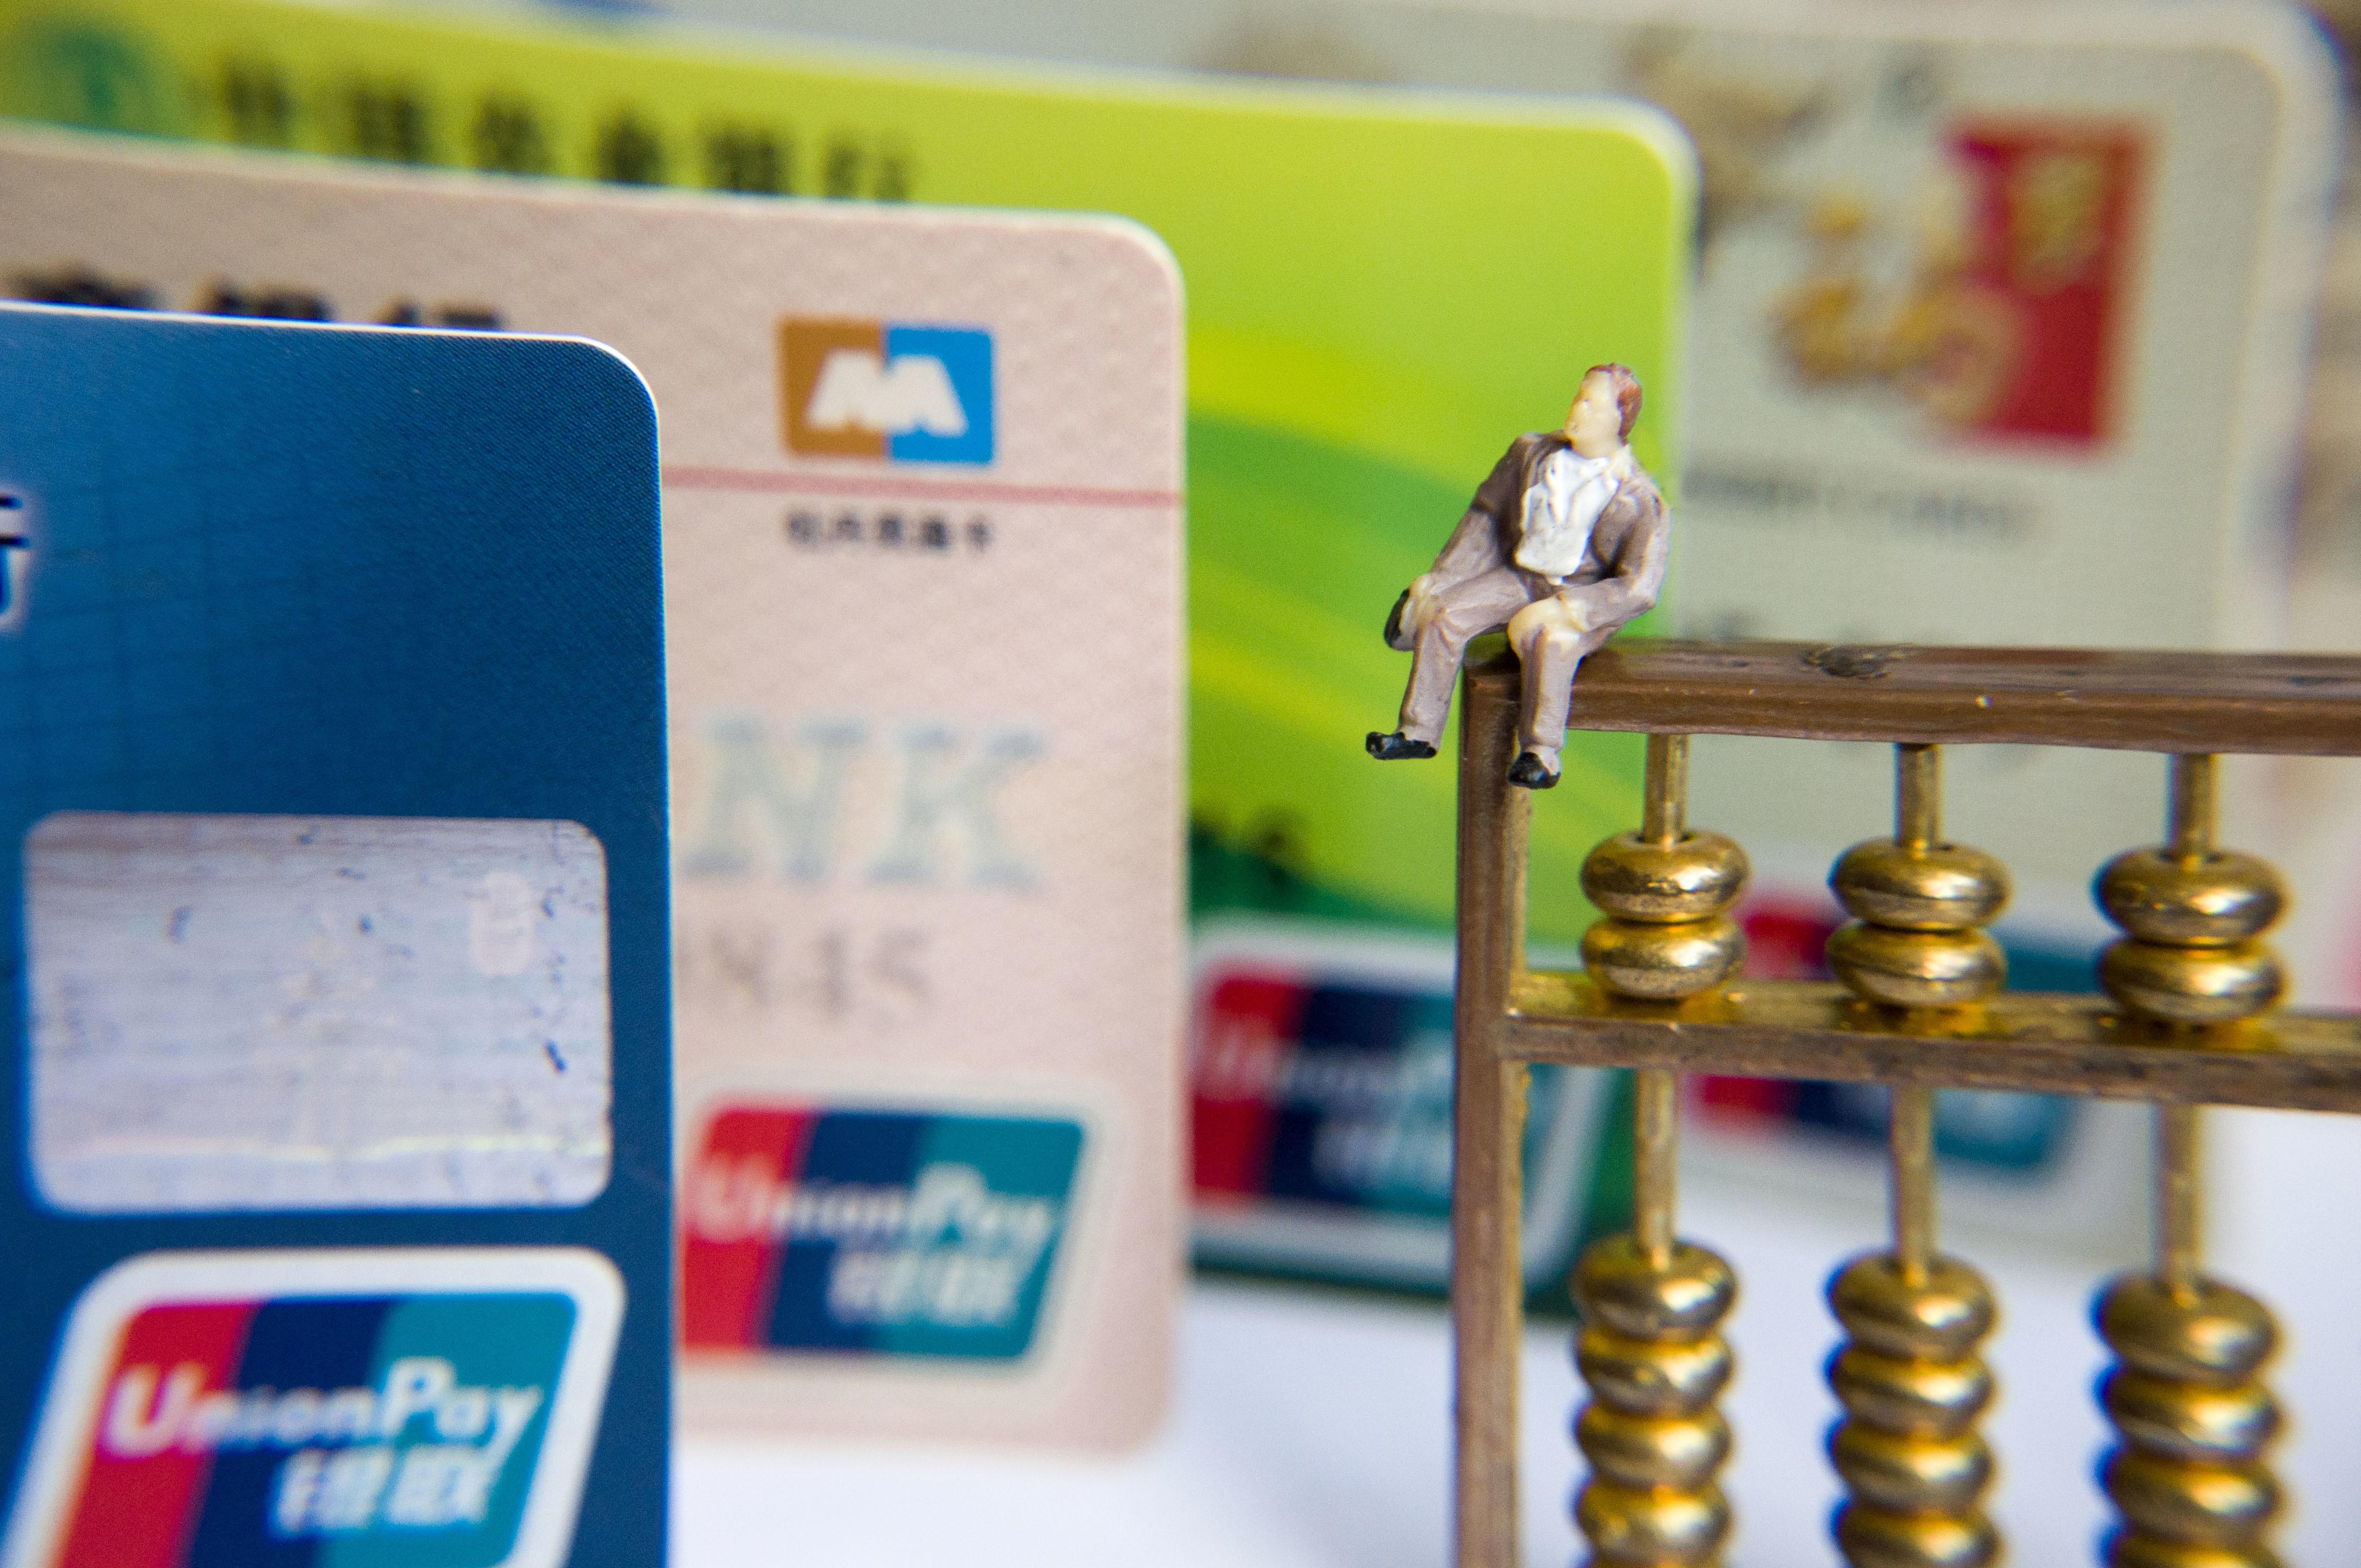 信用卡申卡潜规则,各银行正确的申卡顺序你知道吗?